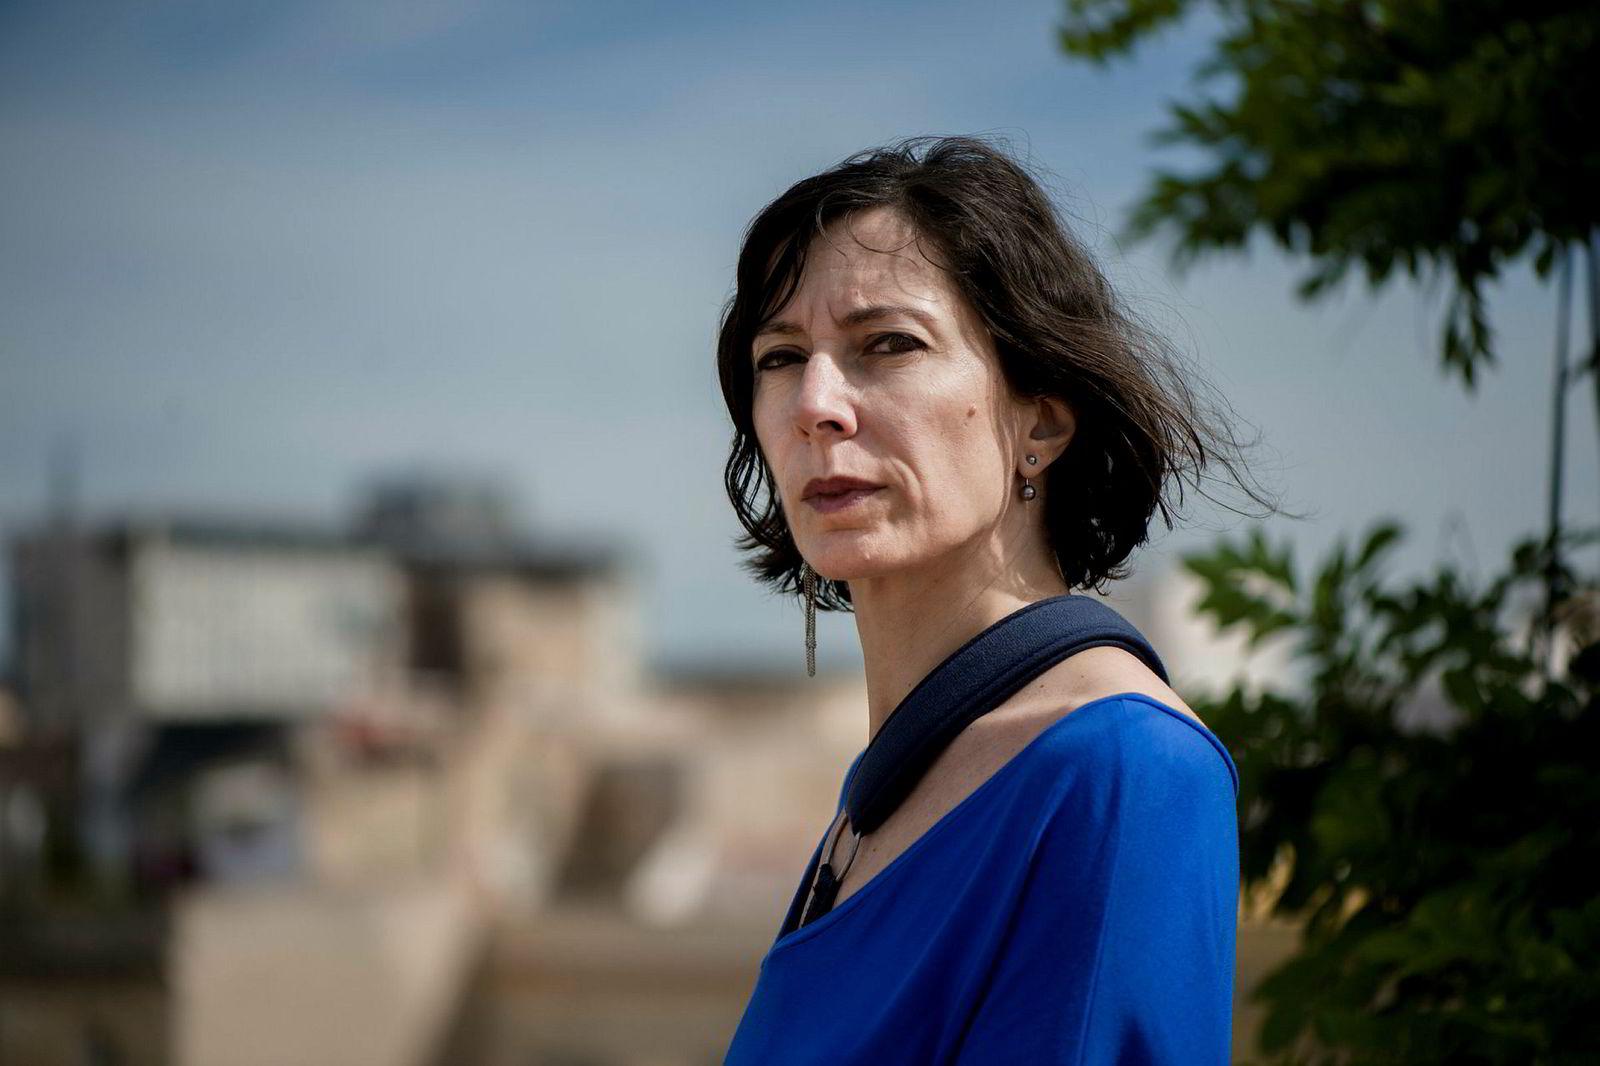 Simona Levi er en av grunnleggerne av aktivistgruppen X-net.